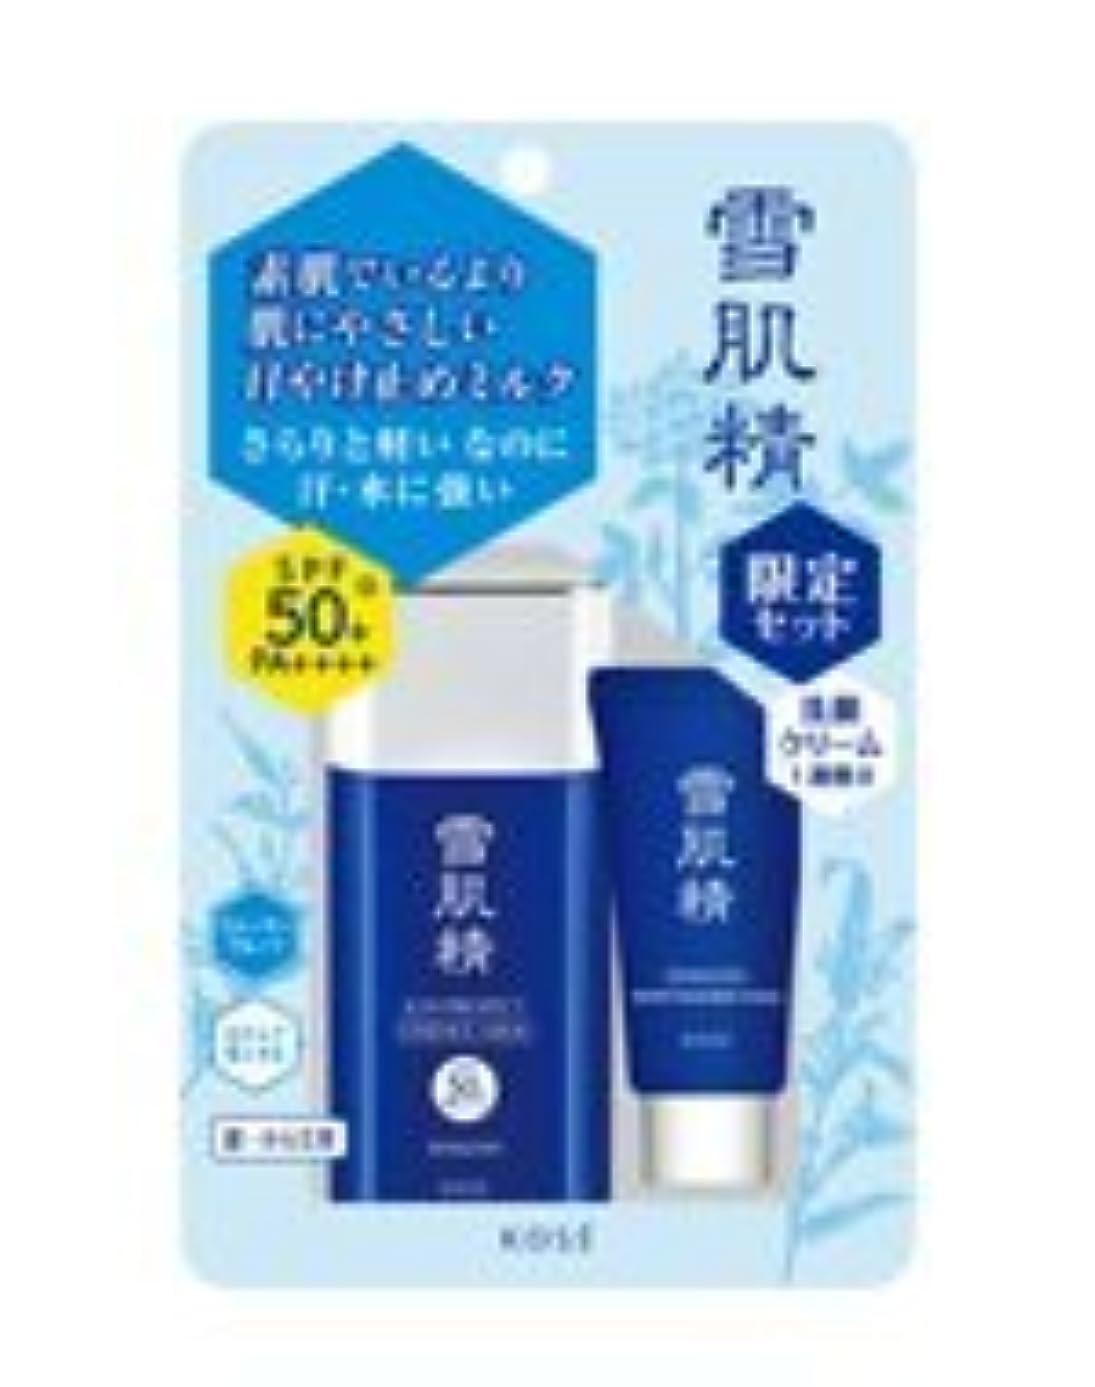 プラカード二軽減する限定発売 コーセー 雪肌精 サンプロテクト エッセンス ミルク N キット